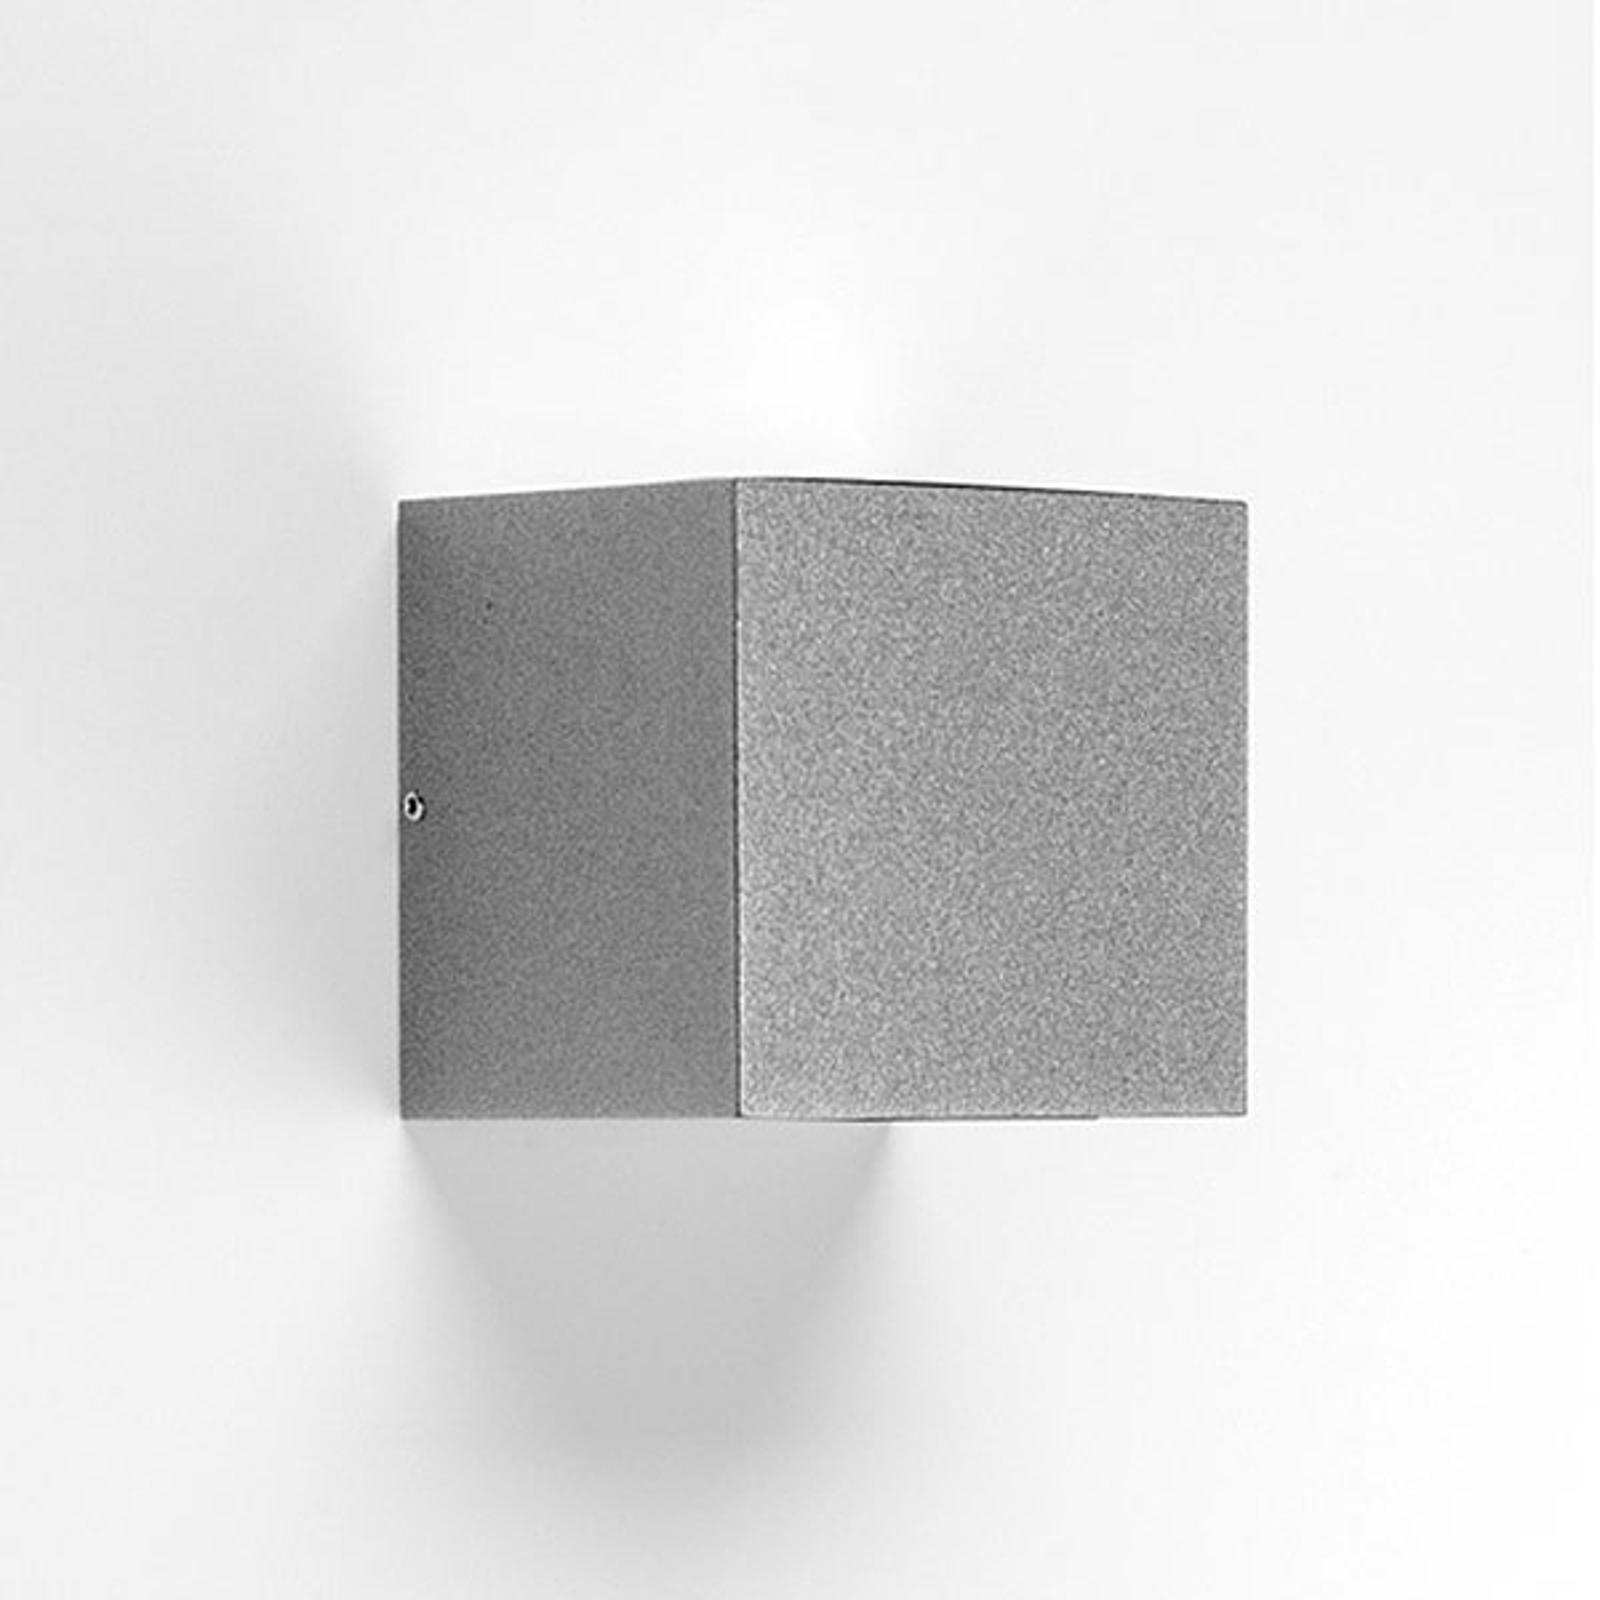 LED-vegglampe 303354 i grå, 1WB 3000K